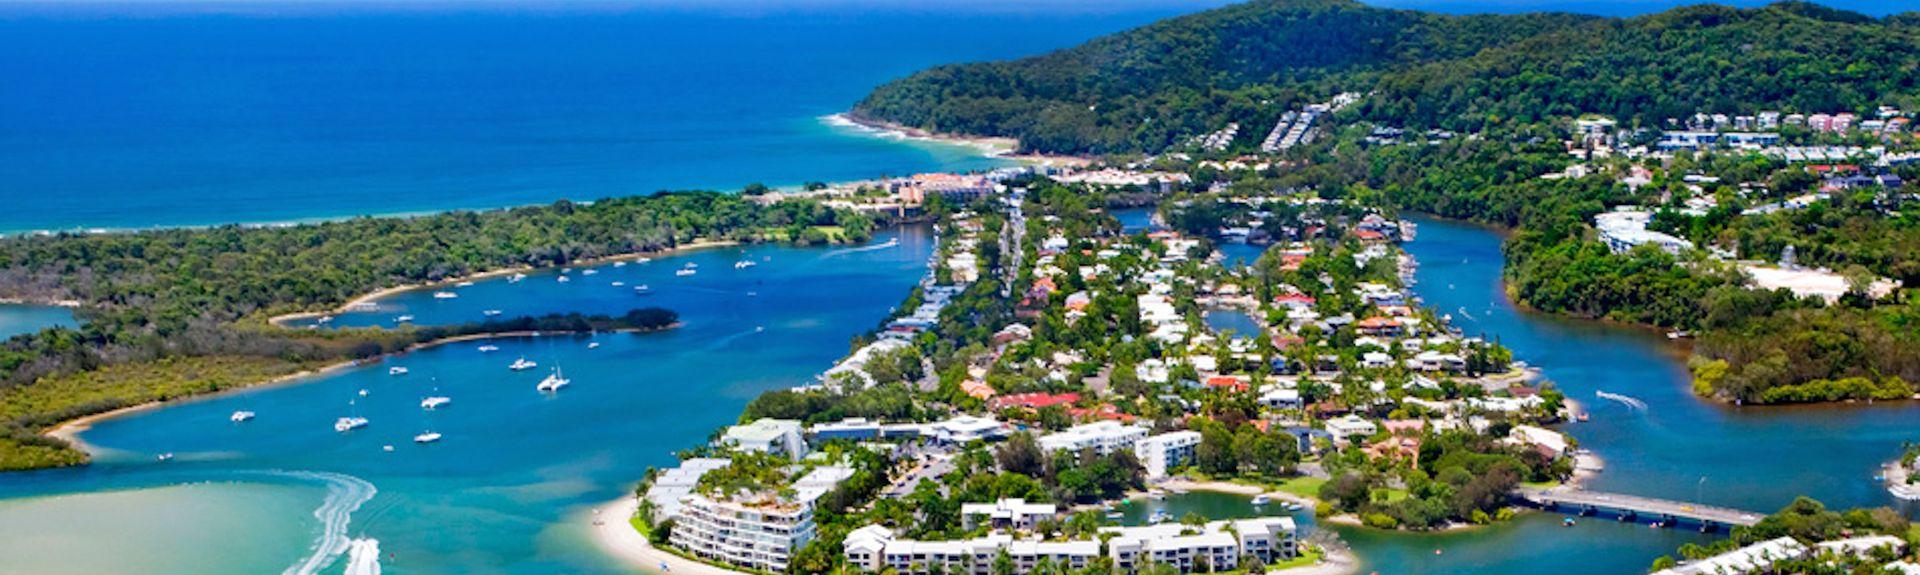 Doonan, Sunshine Coast, Queensland, Australien